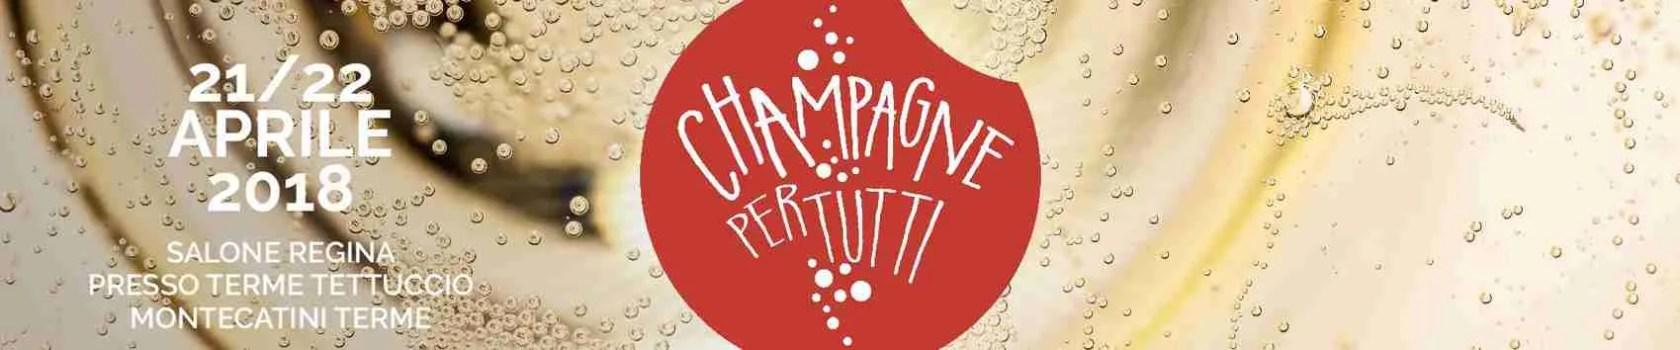 Champagne per tutti. La manifestazione dedicata allo champagne di Montecatini Terme (PT).